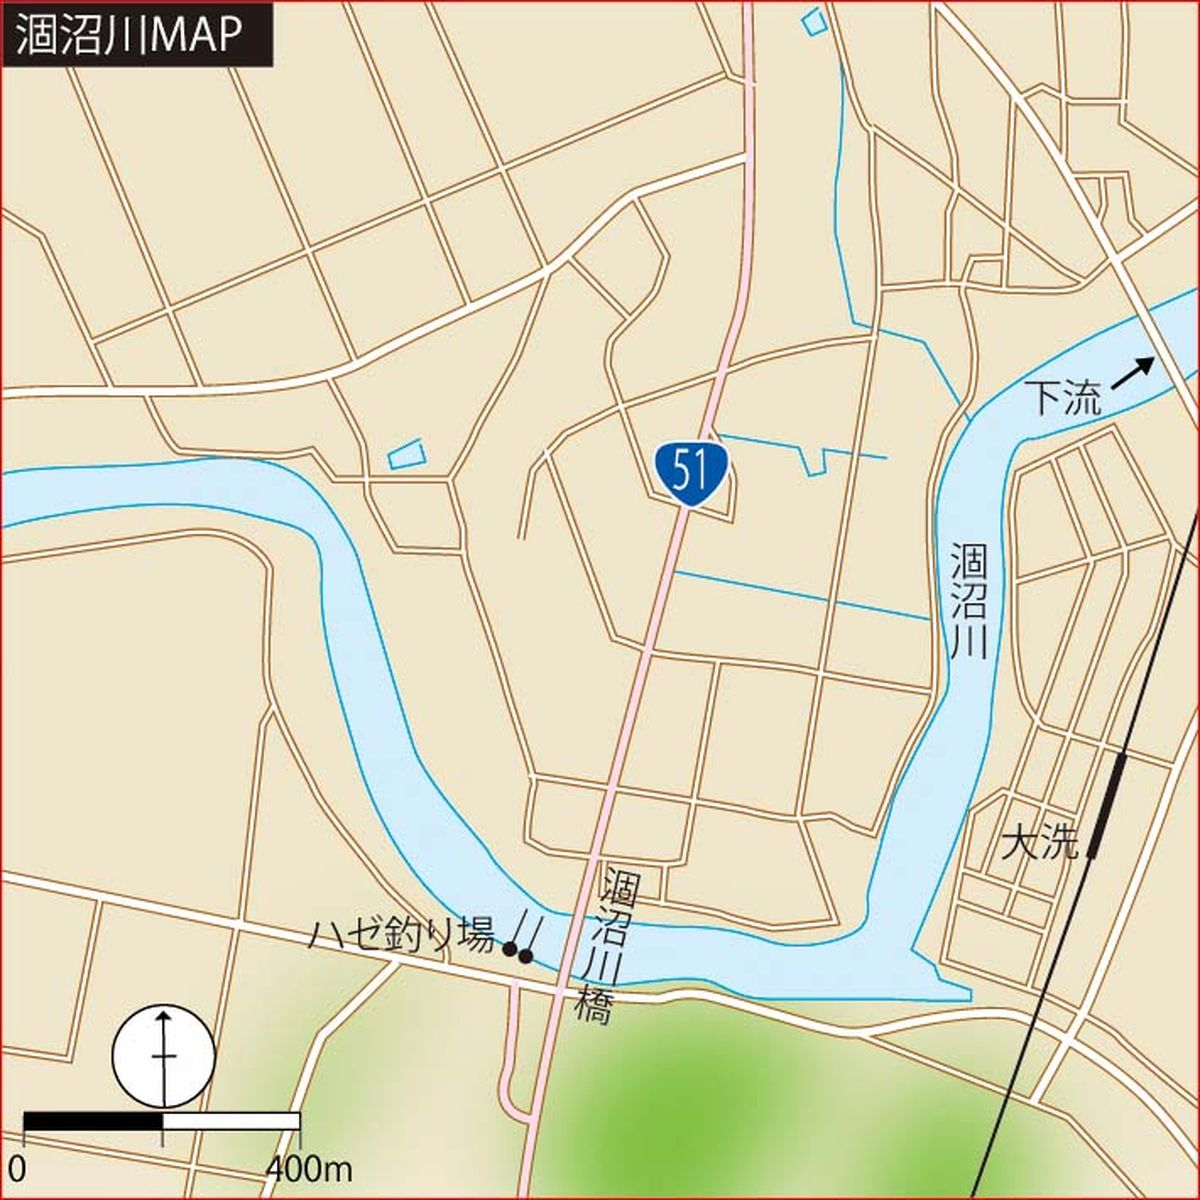 047-048-choinage-tsuriba_cs6 (1)